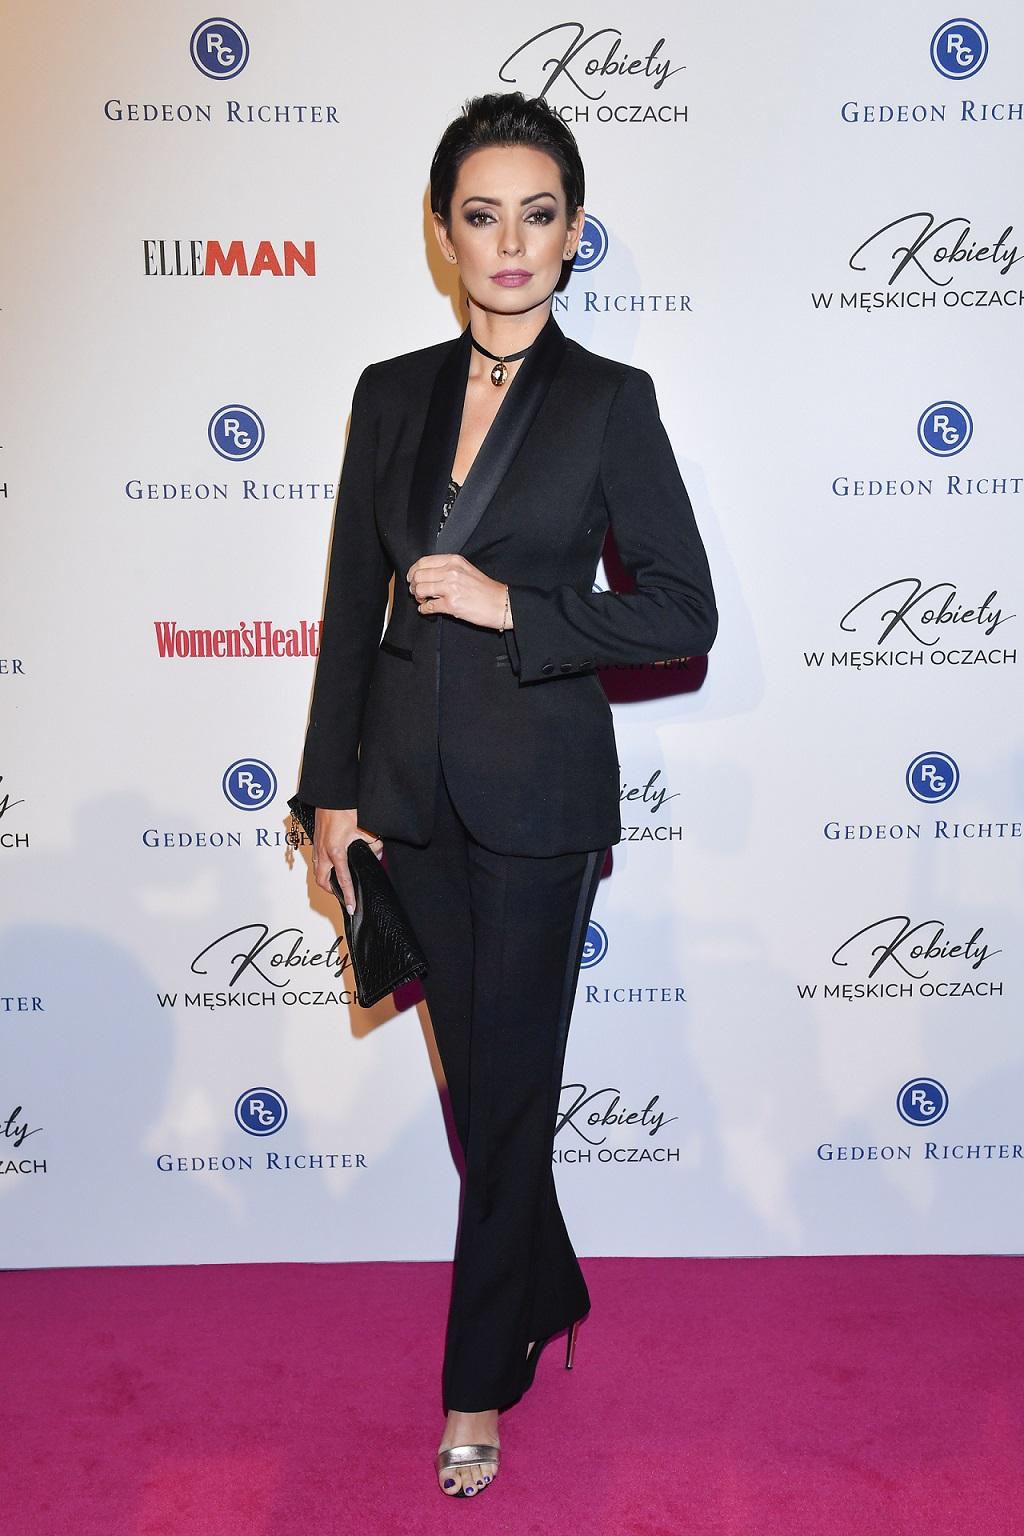 Dorota Gardias w czarnym garniturze na ściance.